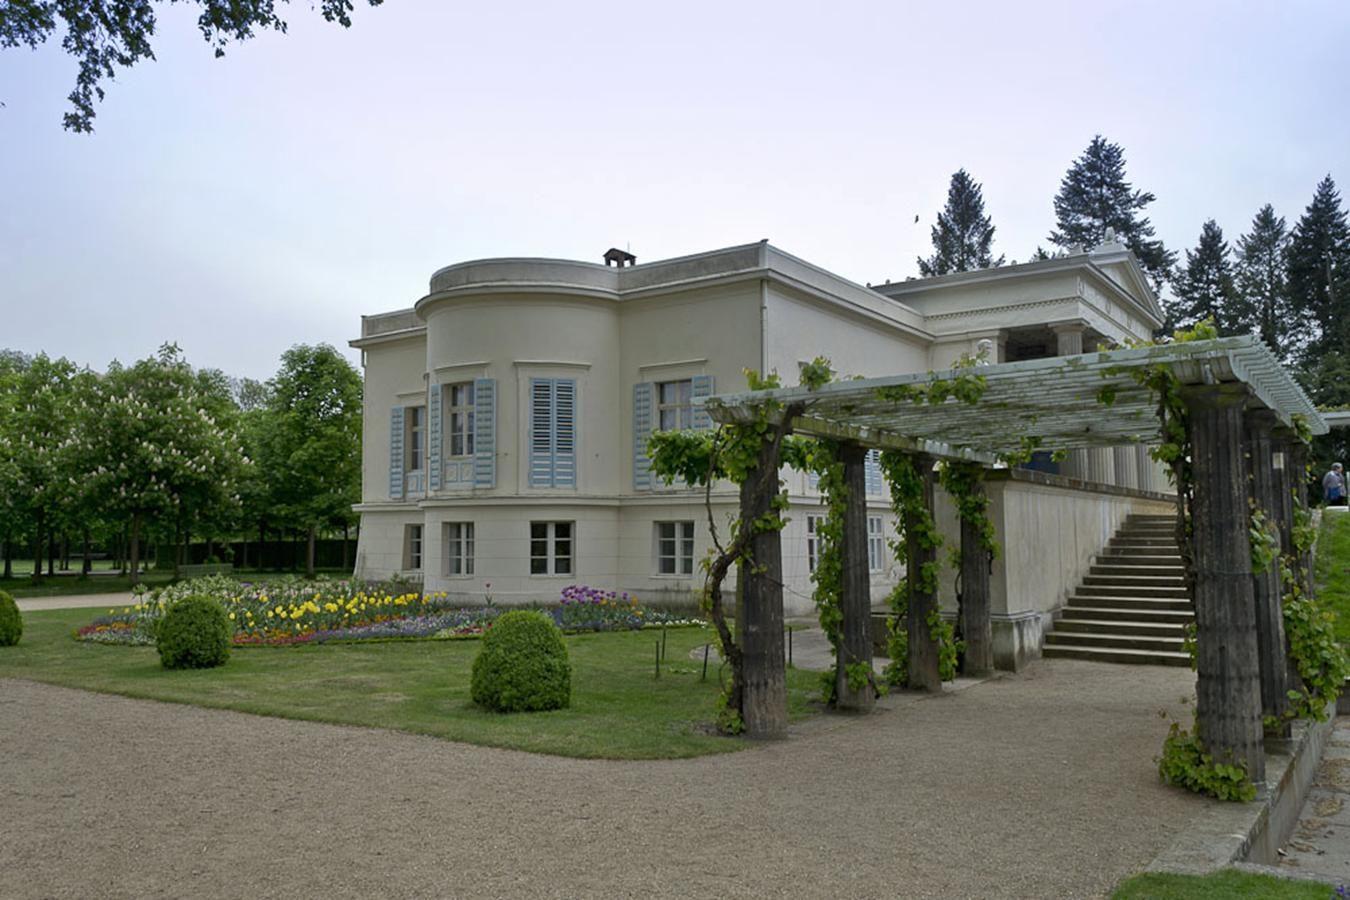 Kostenlose Bild: Außen, Luxus, Haus, Architektur, Haus, Rasen ...